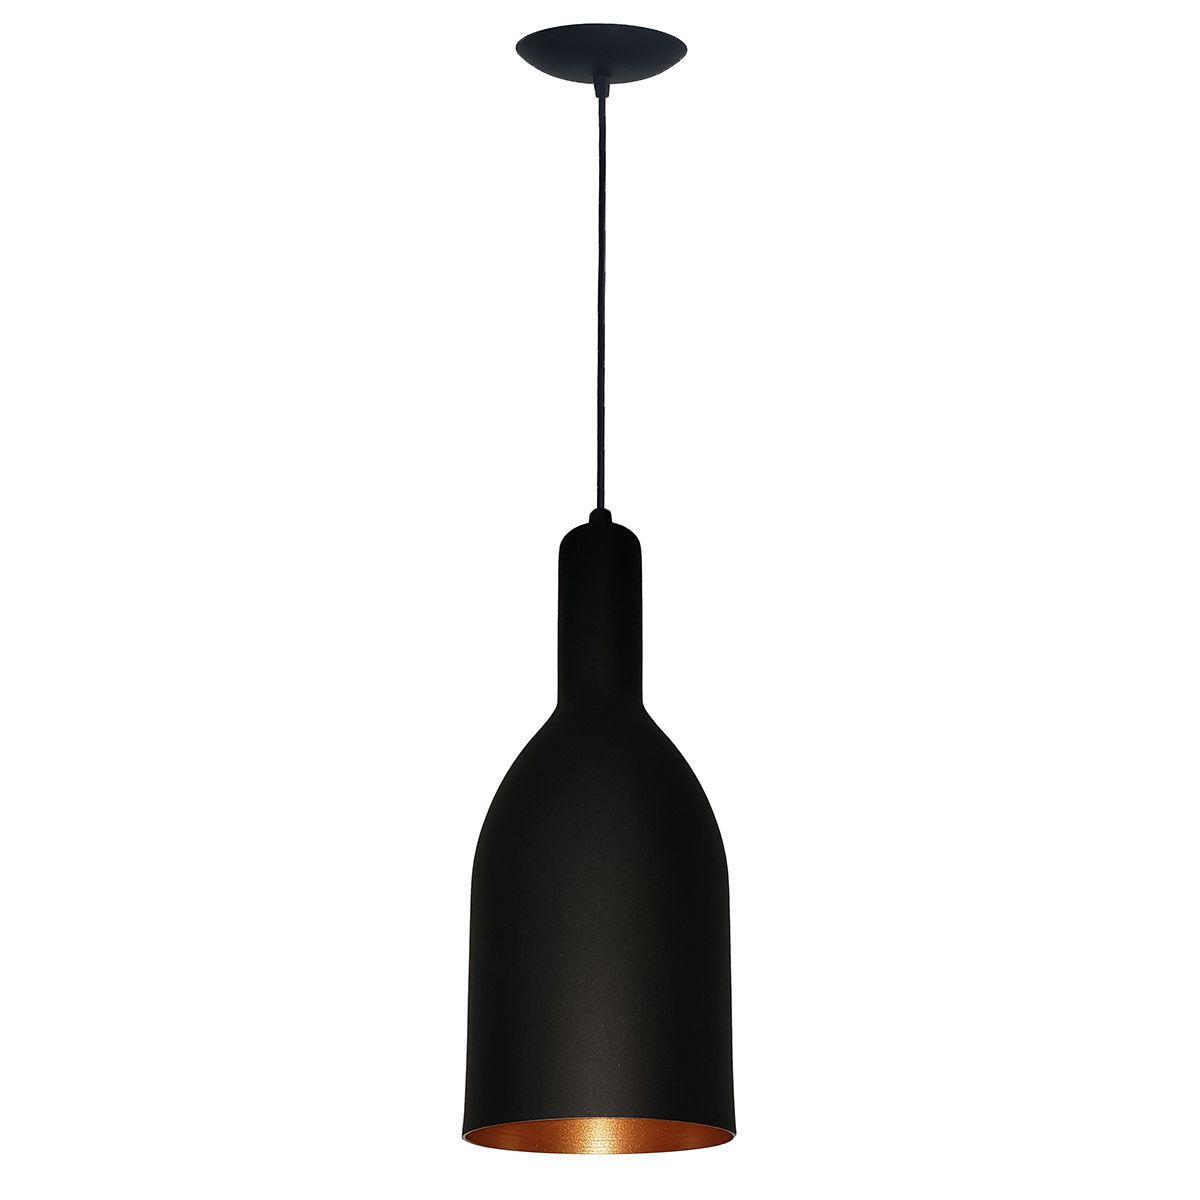 Luminária Decorativa Garrafa Preto/Cobre com Pendente